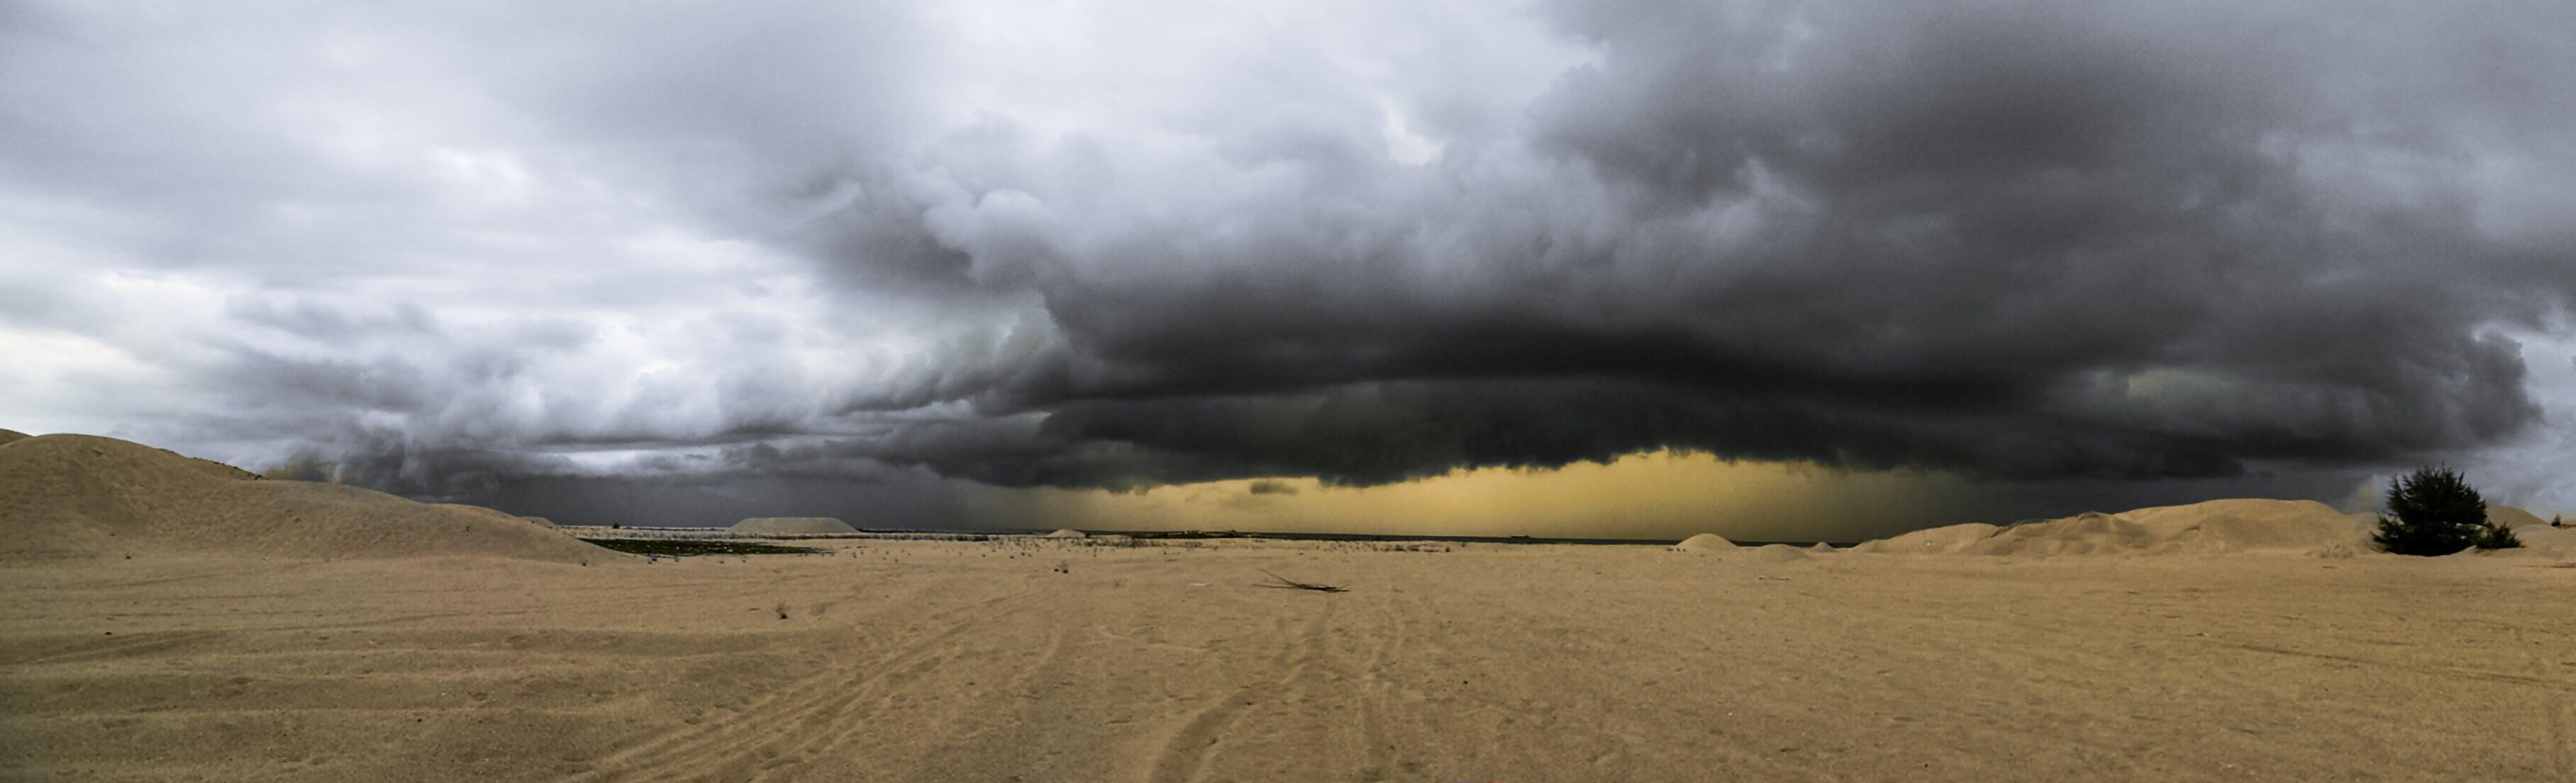 Kostenloses Stock Foto zu natur, sand, wolken, wüste